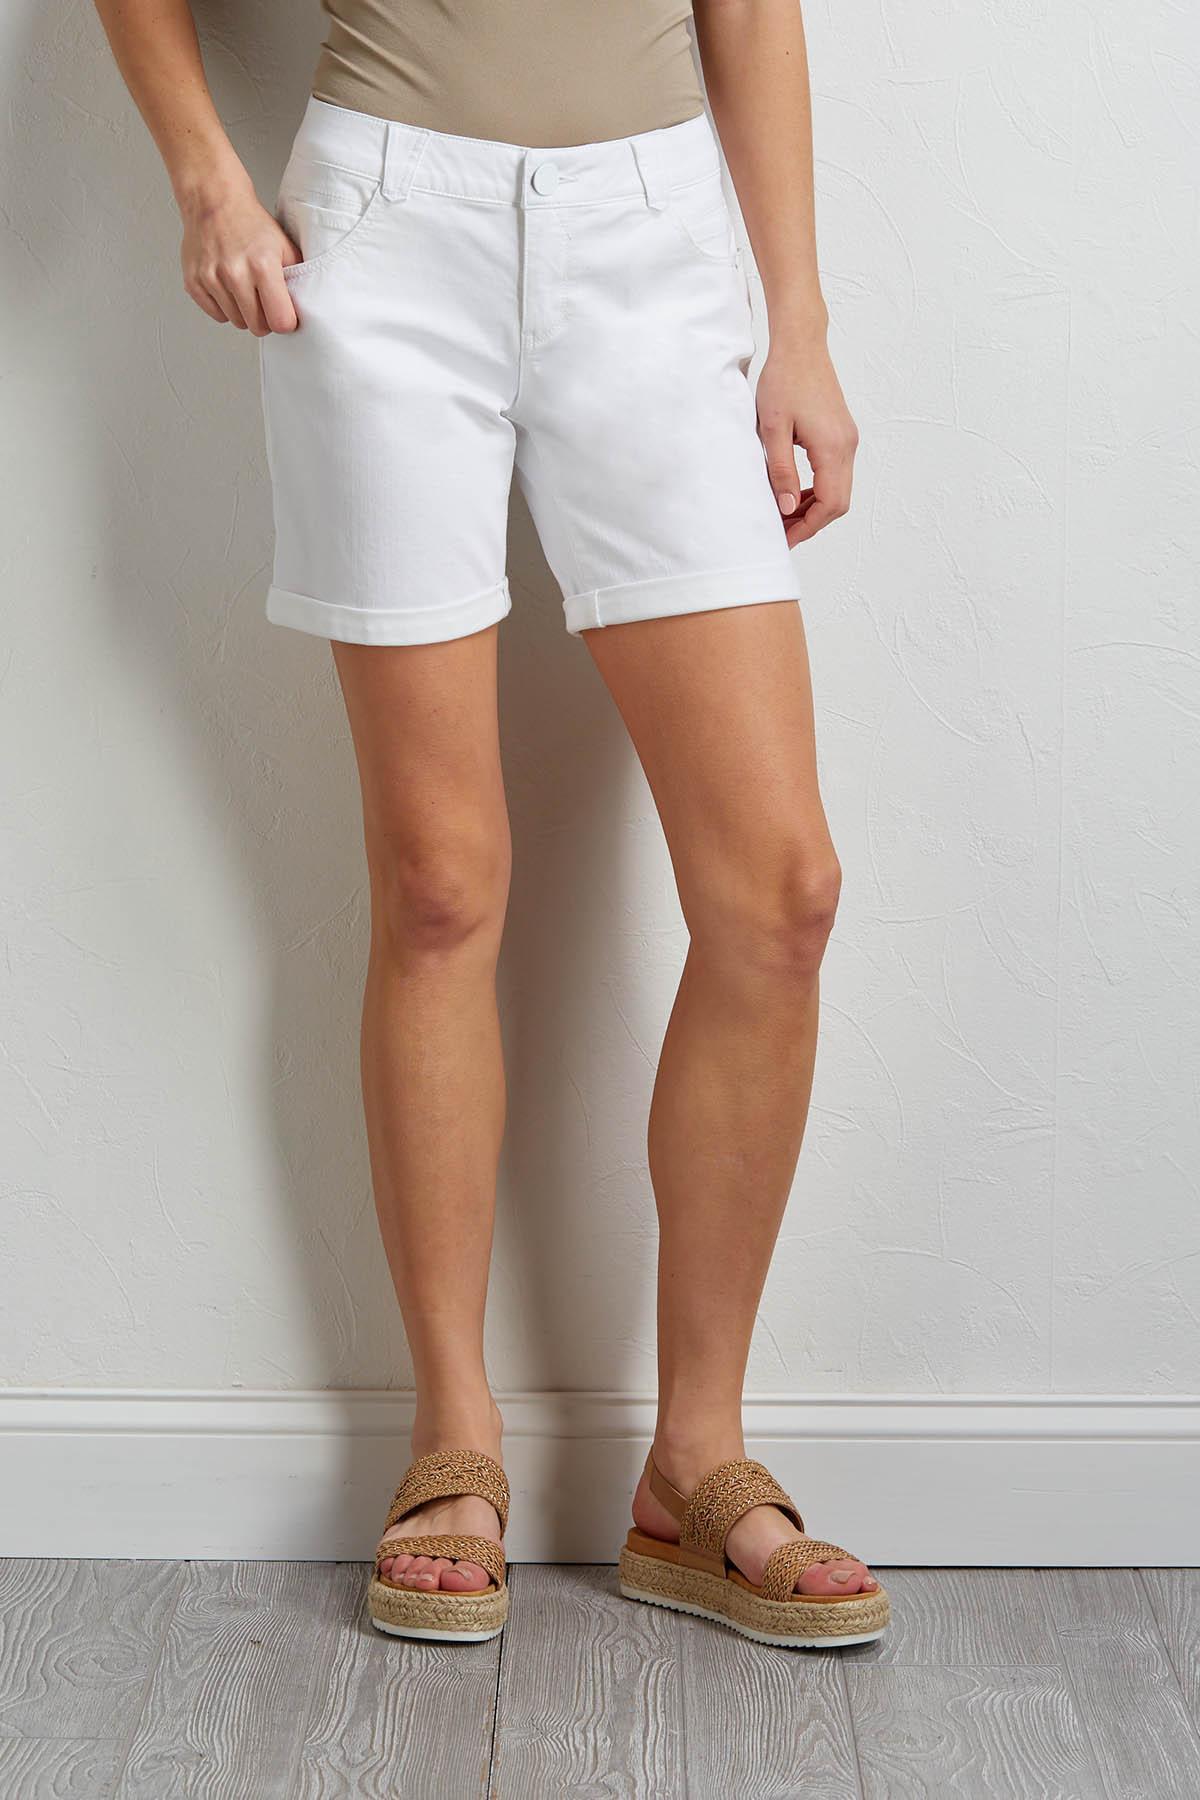 Shape Enhancing White Denim Shorts